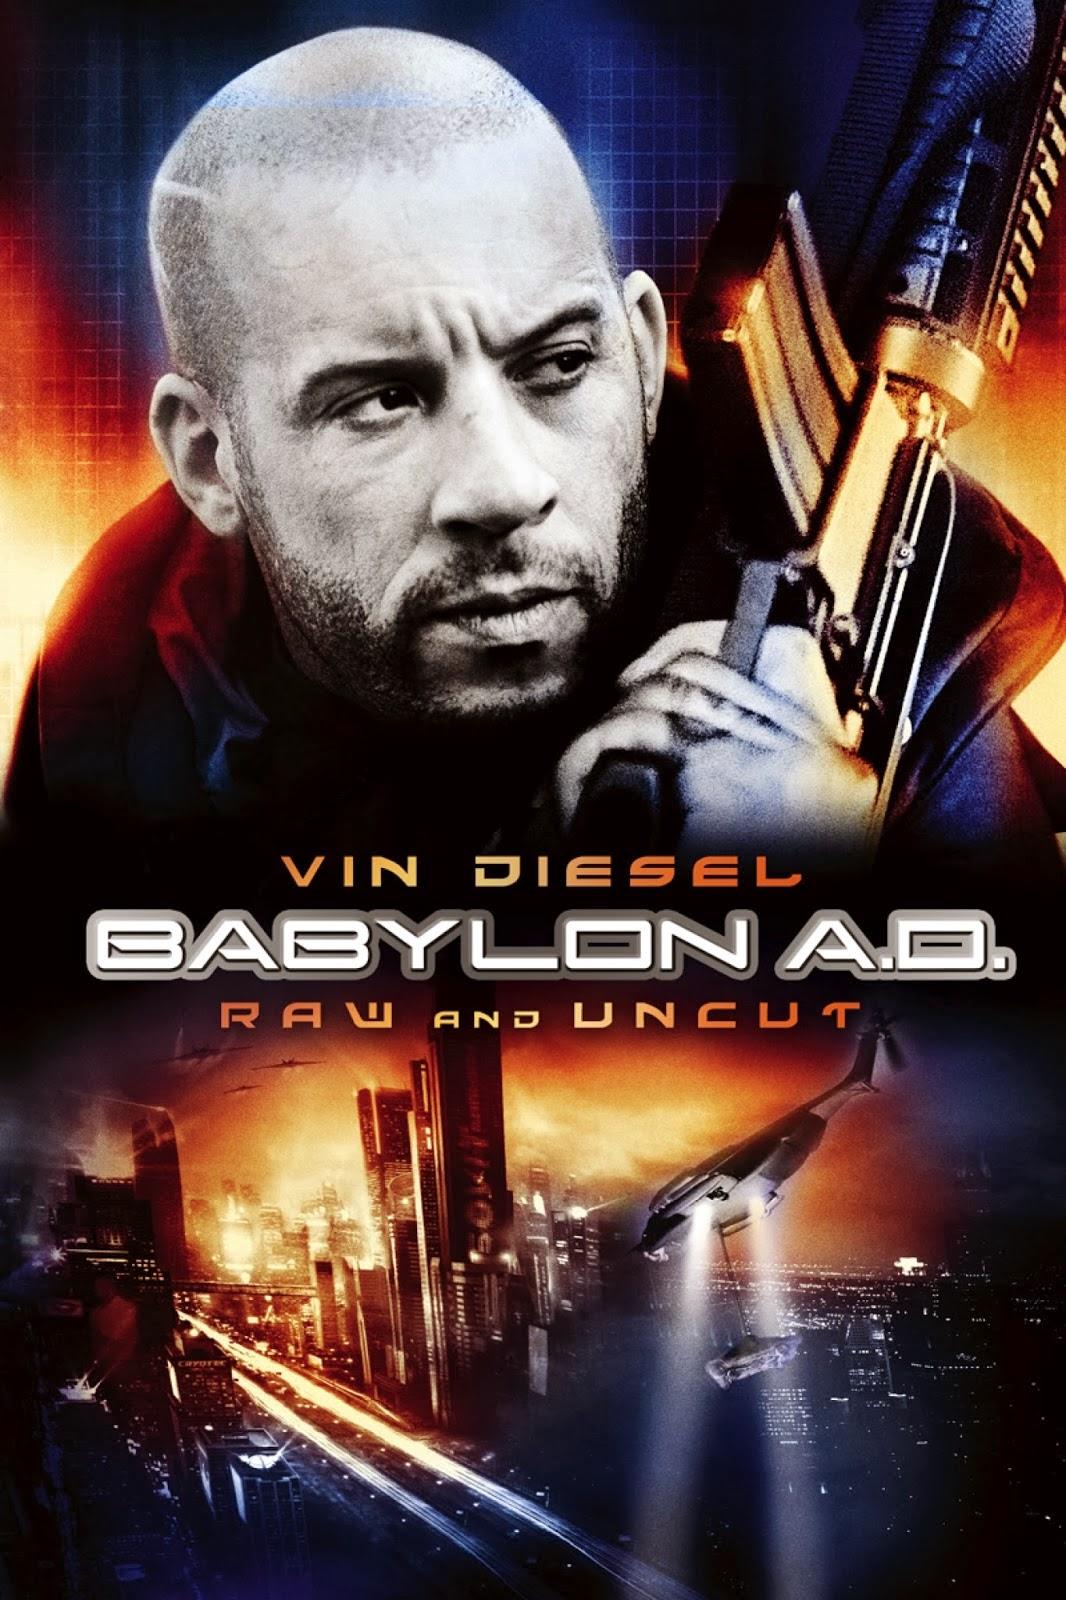 Babylon A.D. บาบิลอน เอ.ดี. ภารกิจดุ กุมชะตาโลก [HD][พากย์ไทย]